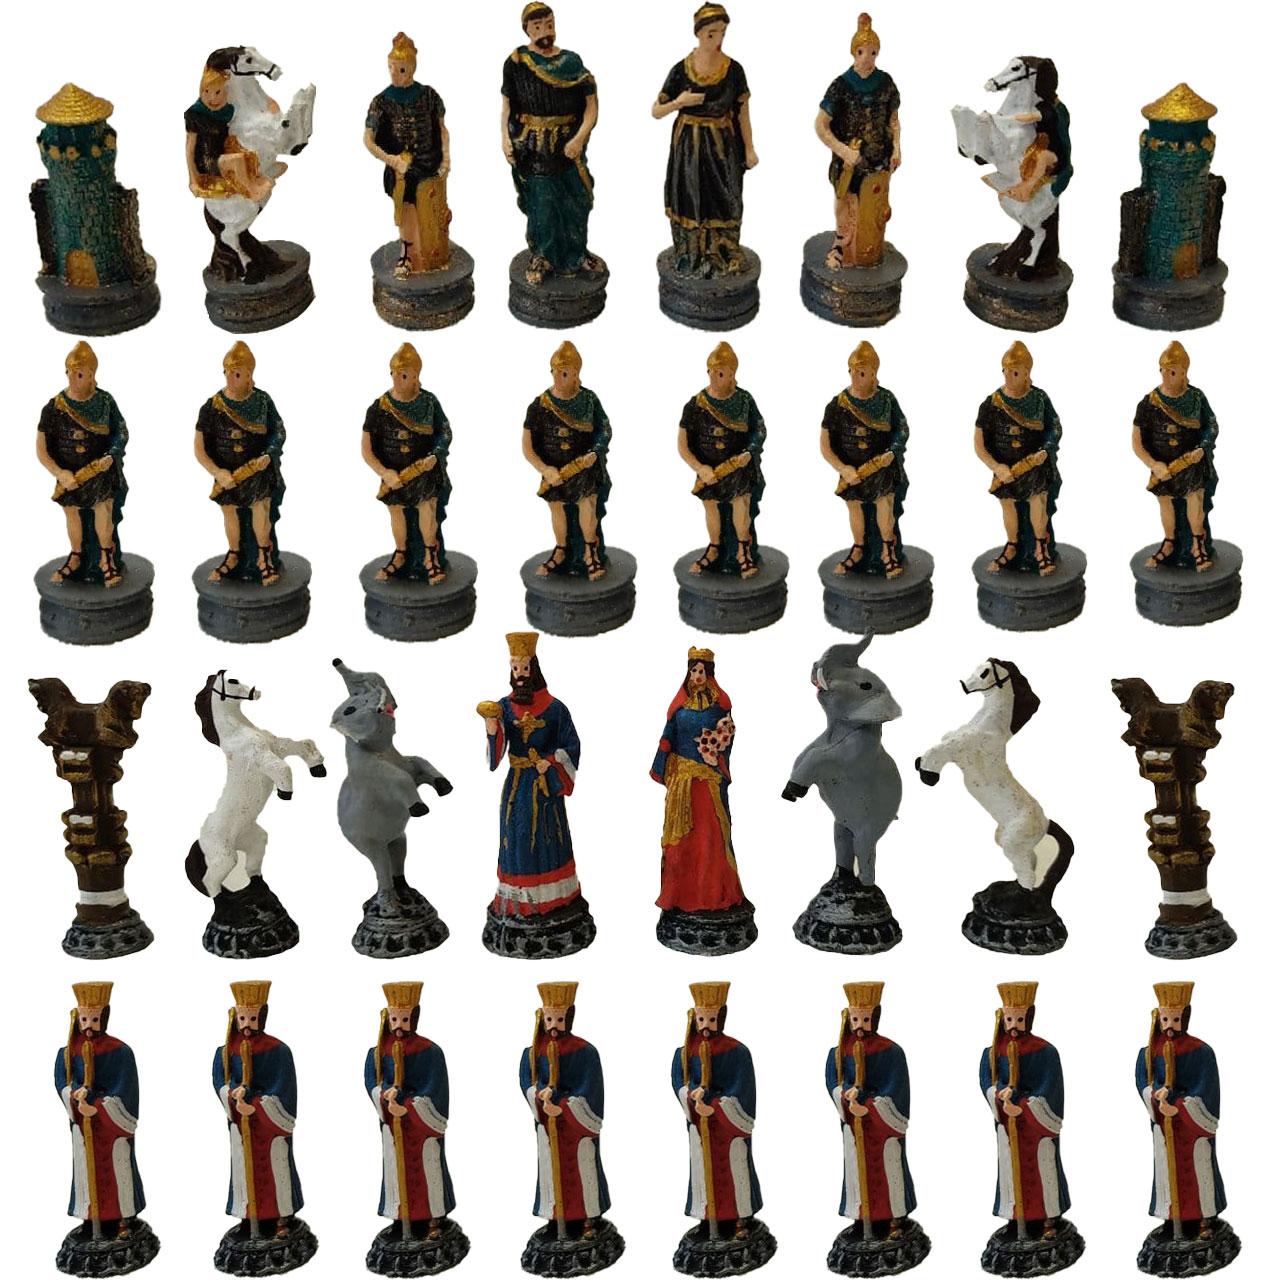 مهره شطرنج مدل هخامنشی کد 2 مجموعه 32 عددی